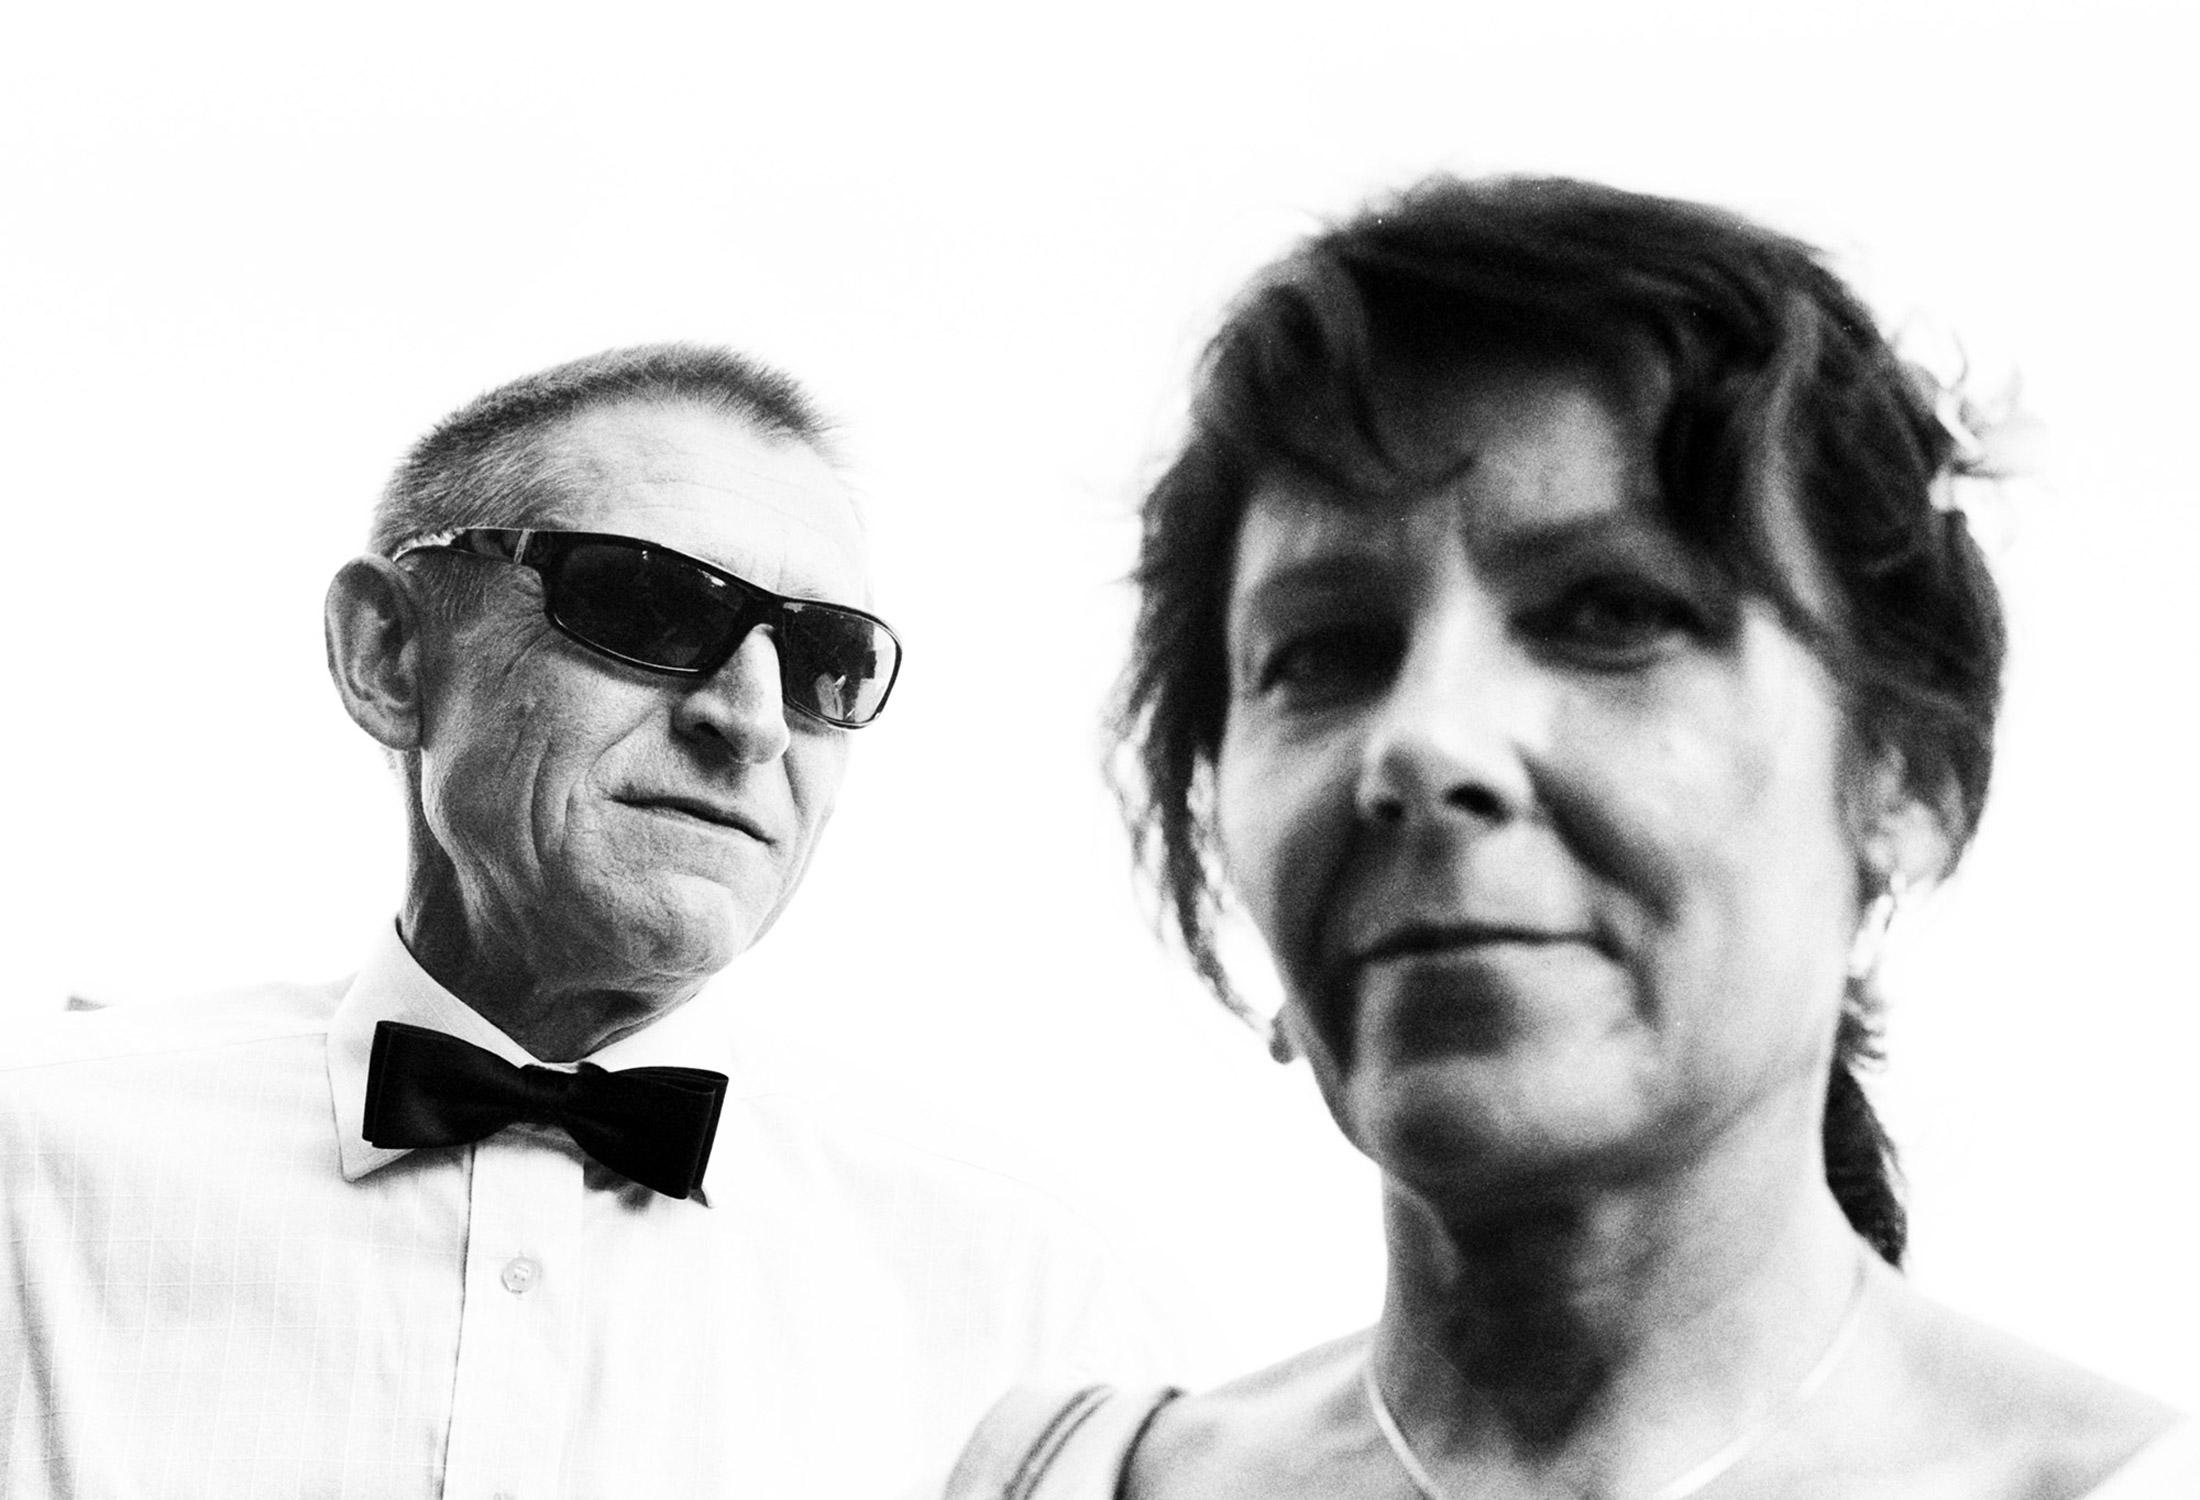 Coole Hochzeitsgäste. Eine Fotoreportage.